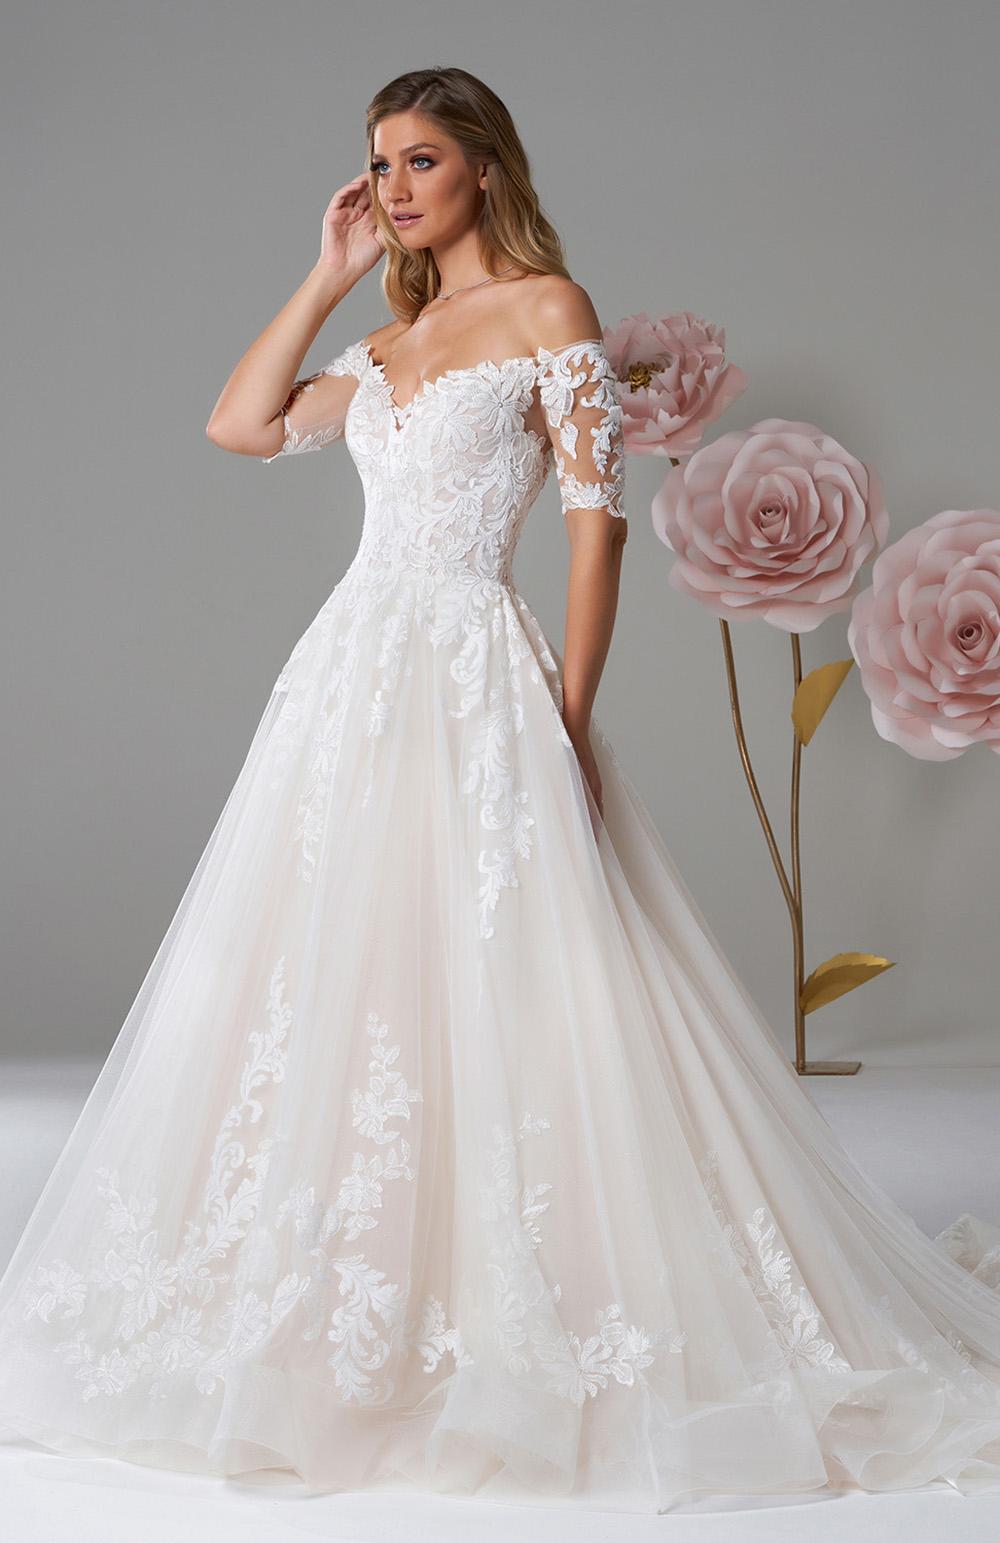 Robe de mariée Modèle Ilona